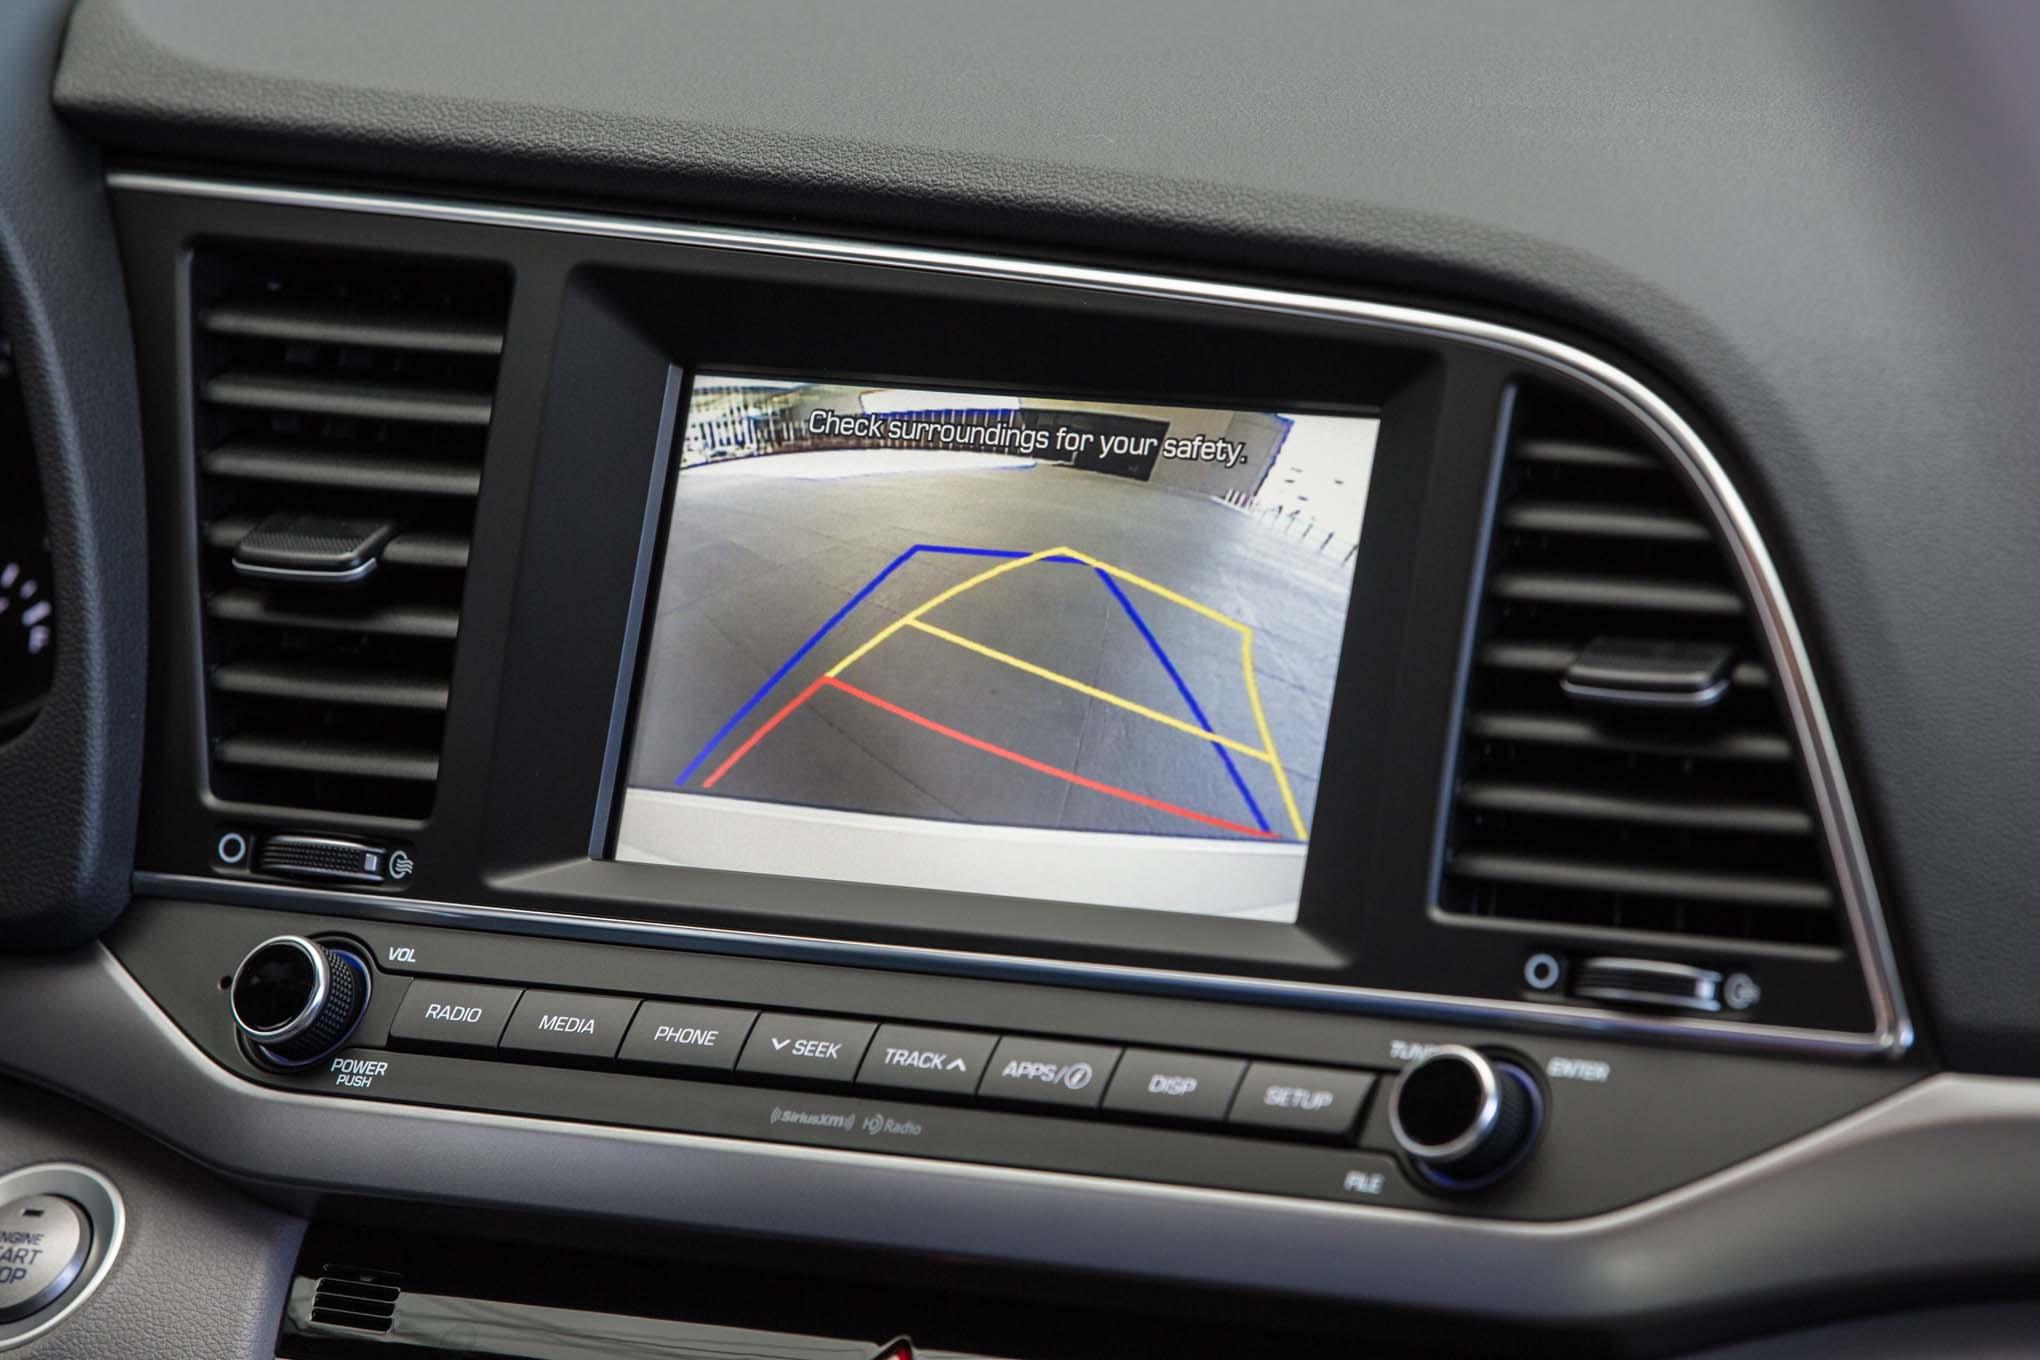 2017 Hyundai Elantra Eco Rearview Camera